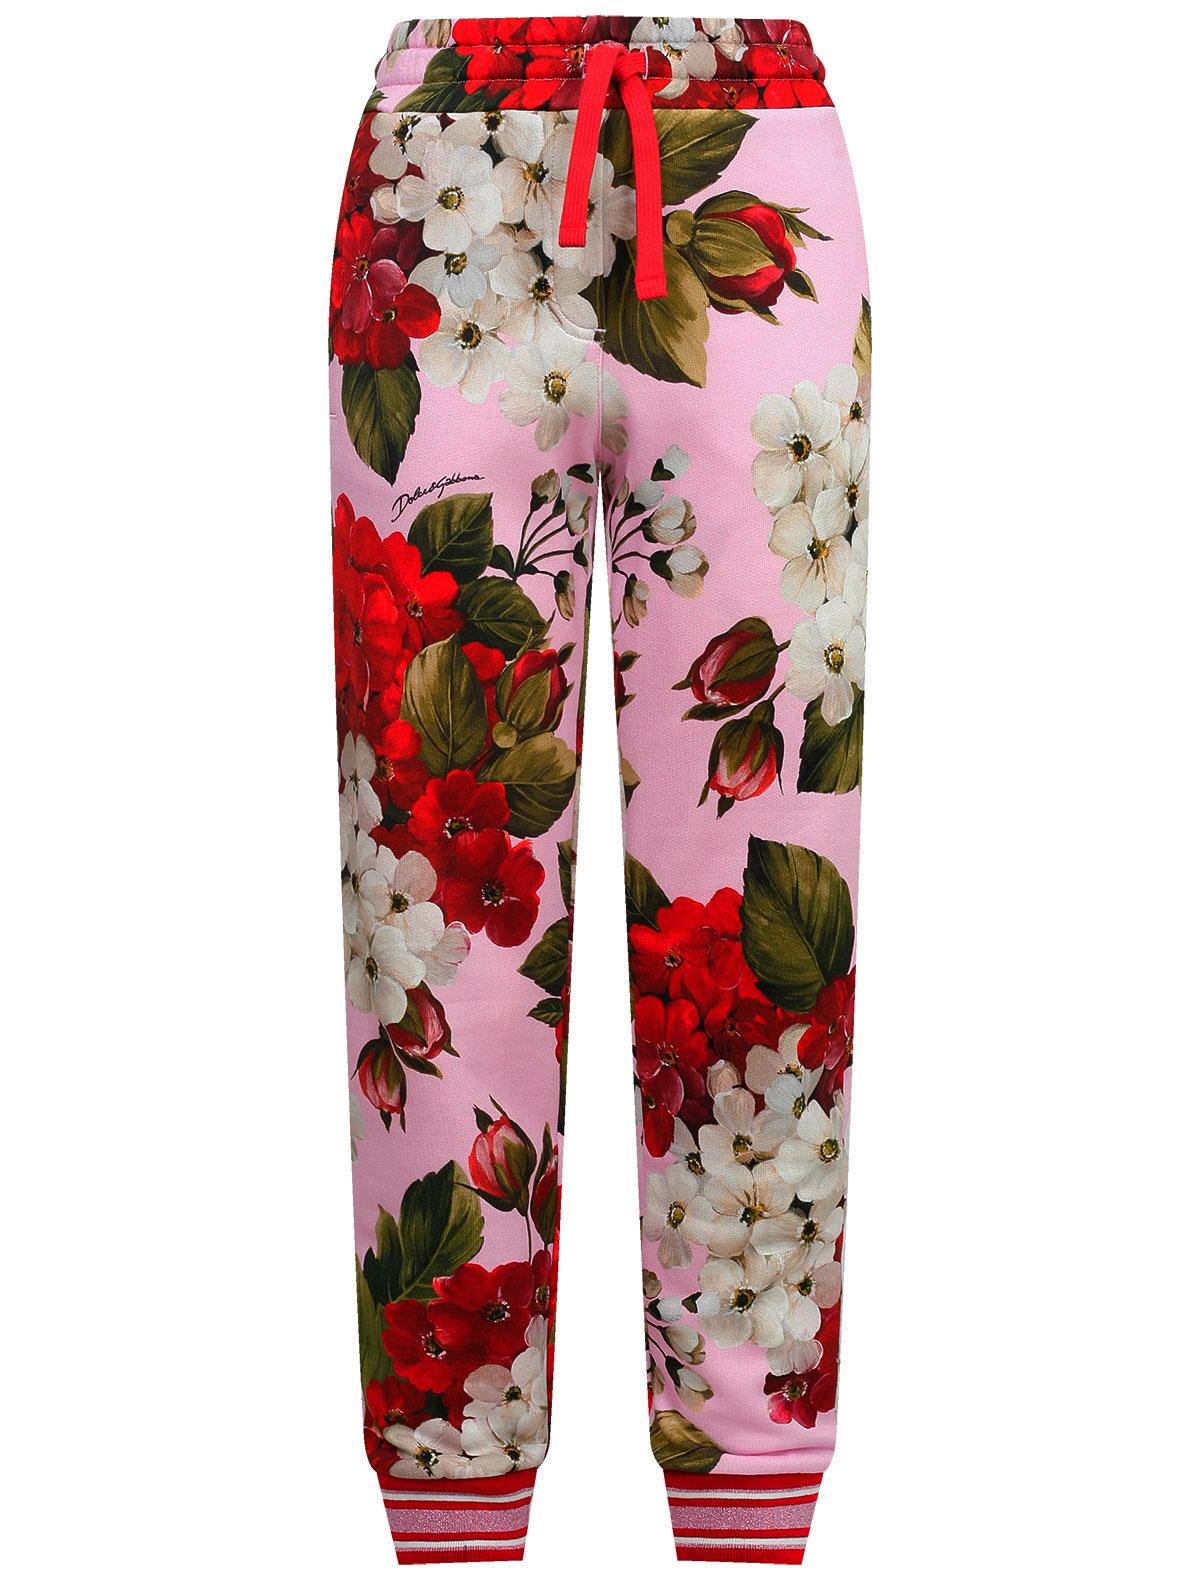 Купить 2222595, Брюки спортивные Dolce & Gabbana, розовый, Женский, 4244509071024